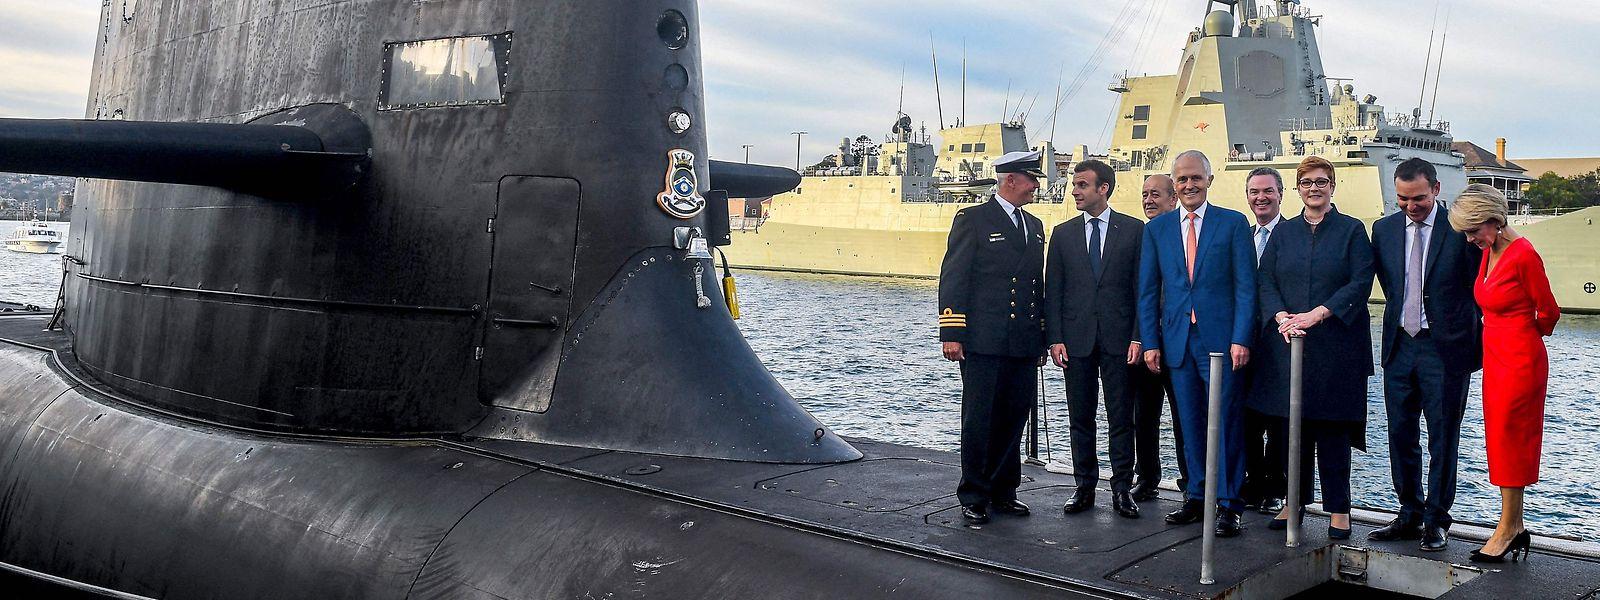 Dieses Archivfoto von 2018 zeigt den französischen Präsidenten Emmanuel Macron (2.v.l.) und den damaligen australischen Premierminister Malcolm Turnbull (M.) auf dem Deck der HMAS Waller, einem U-Boot der Collins-Klasse der Royal Australian Navy nahe Sydney.